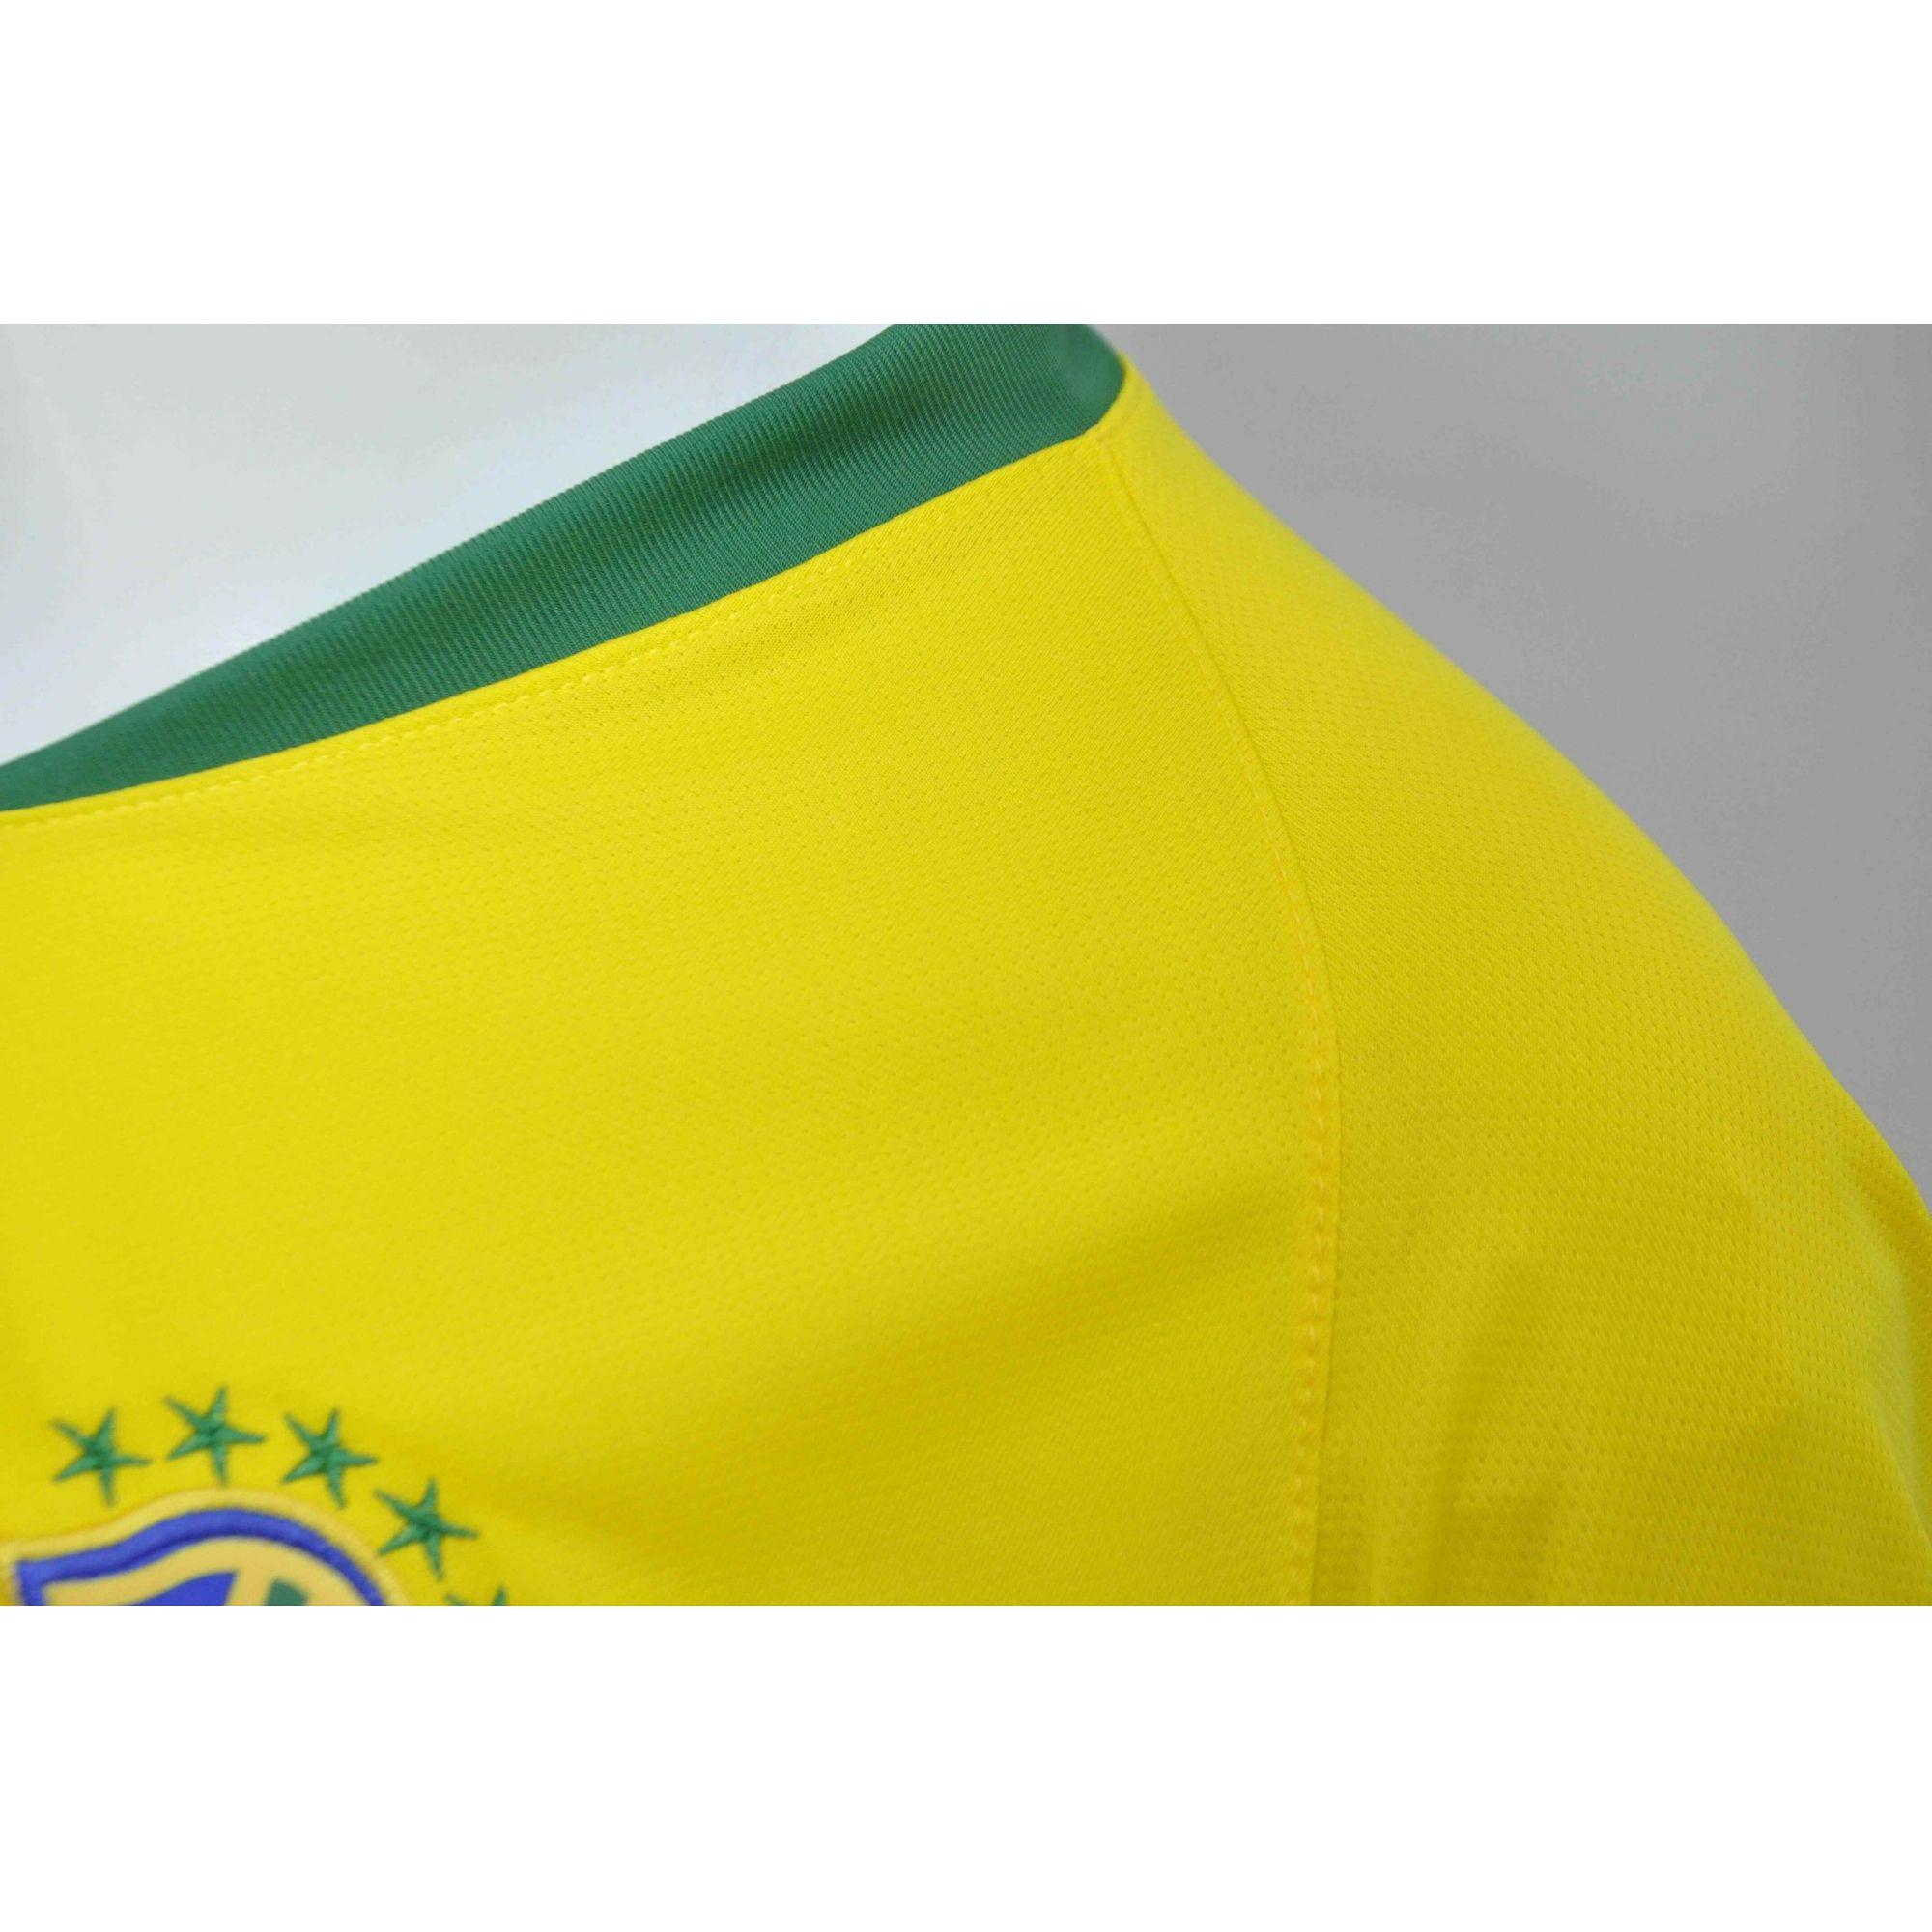 efe92452c7 Camisa Brasil Seleção Brasileira 2018 Baby Look - Feminino - BRACIA ...